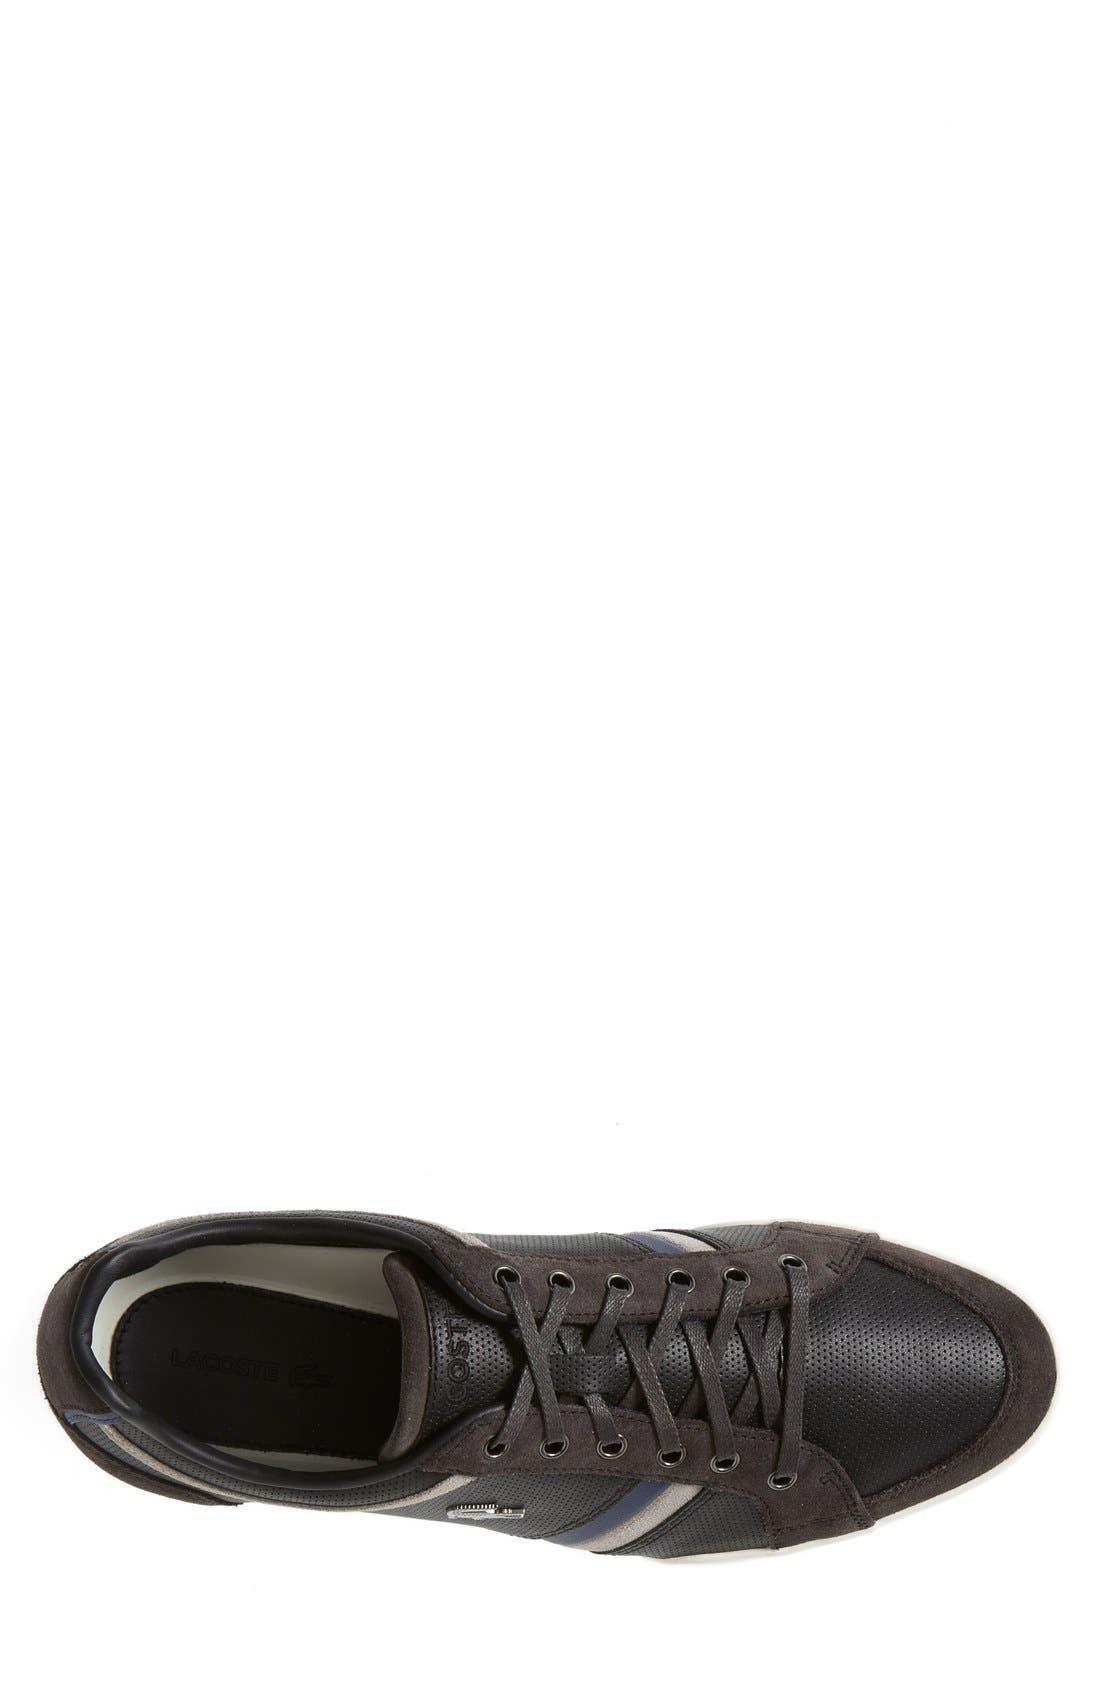 Alternate Image 3  - Lacoste 'Rayford 6' Sneaker (Men)